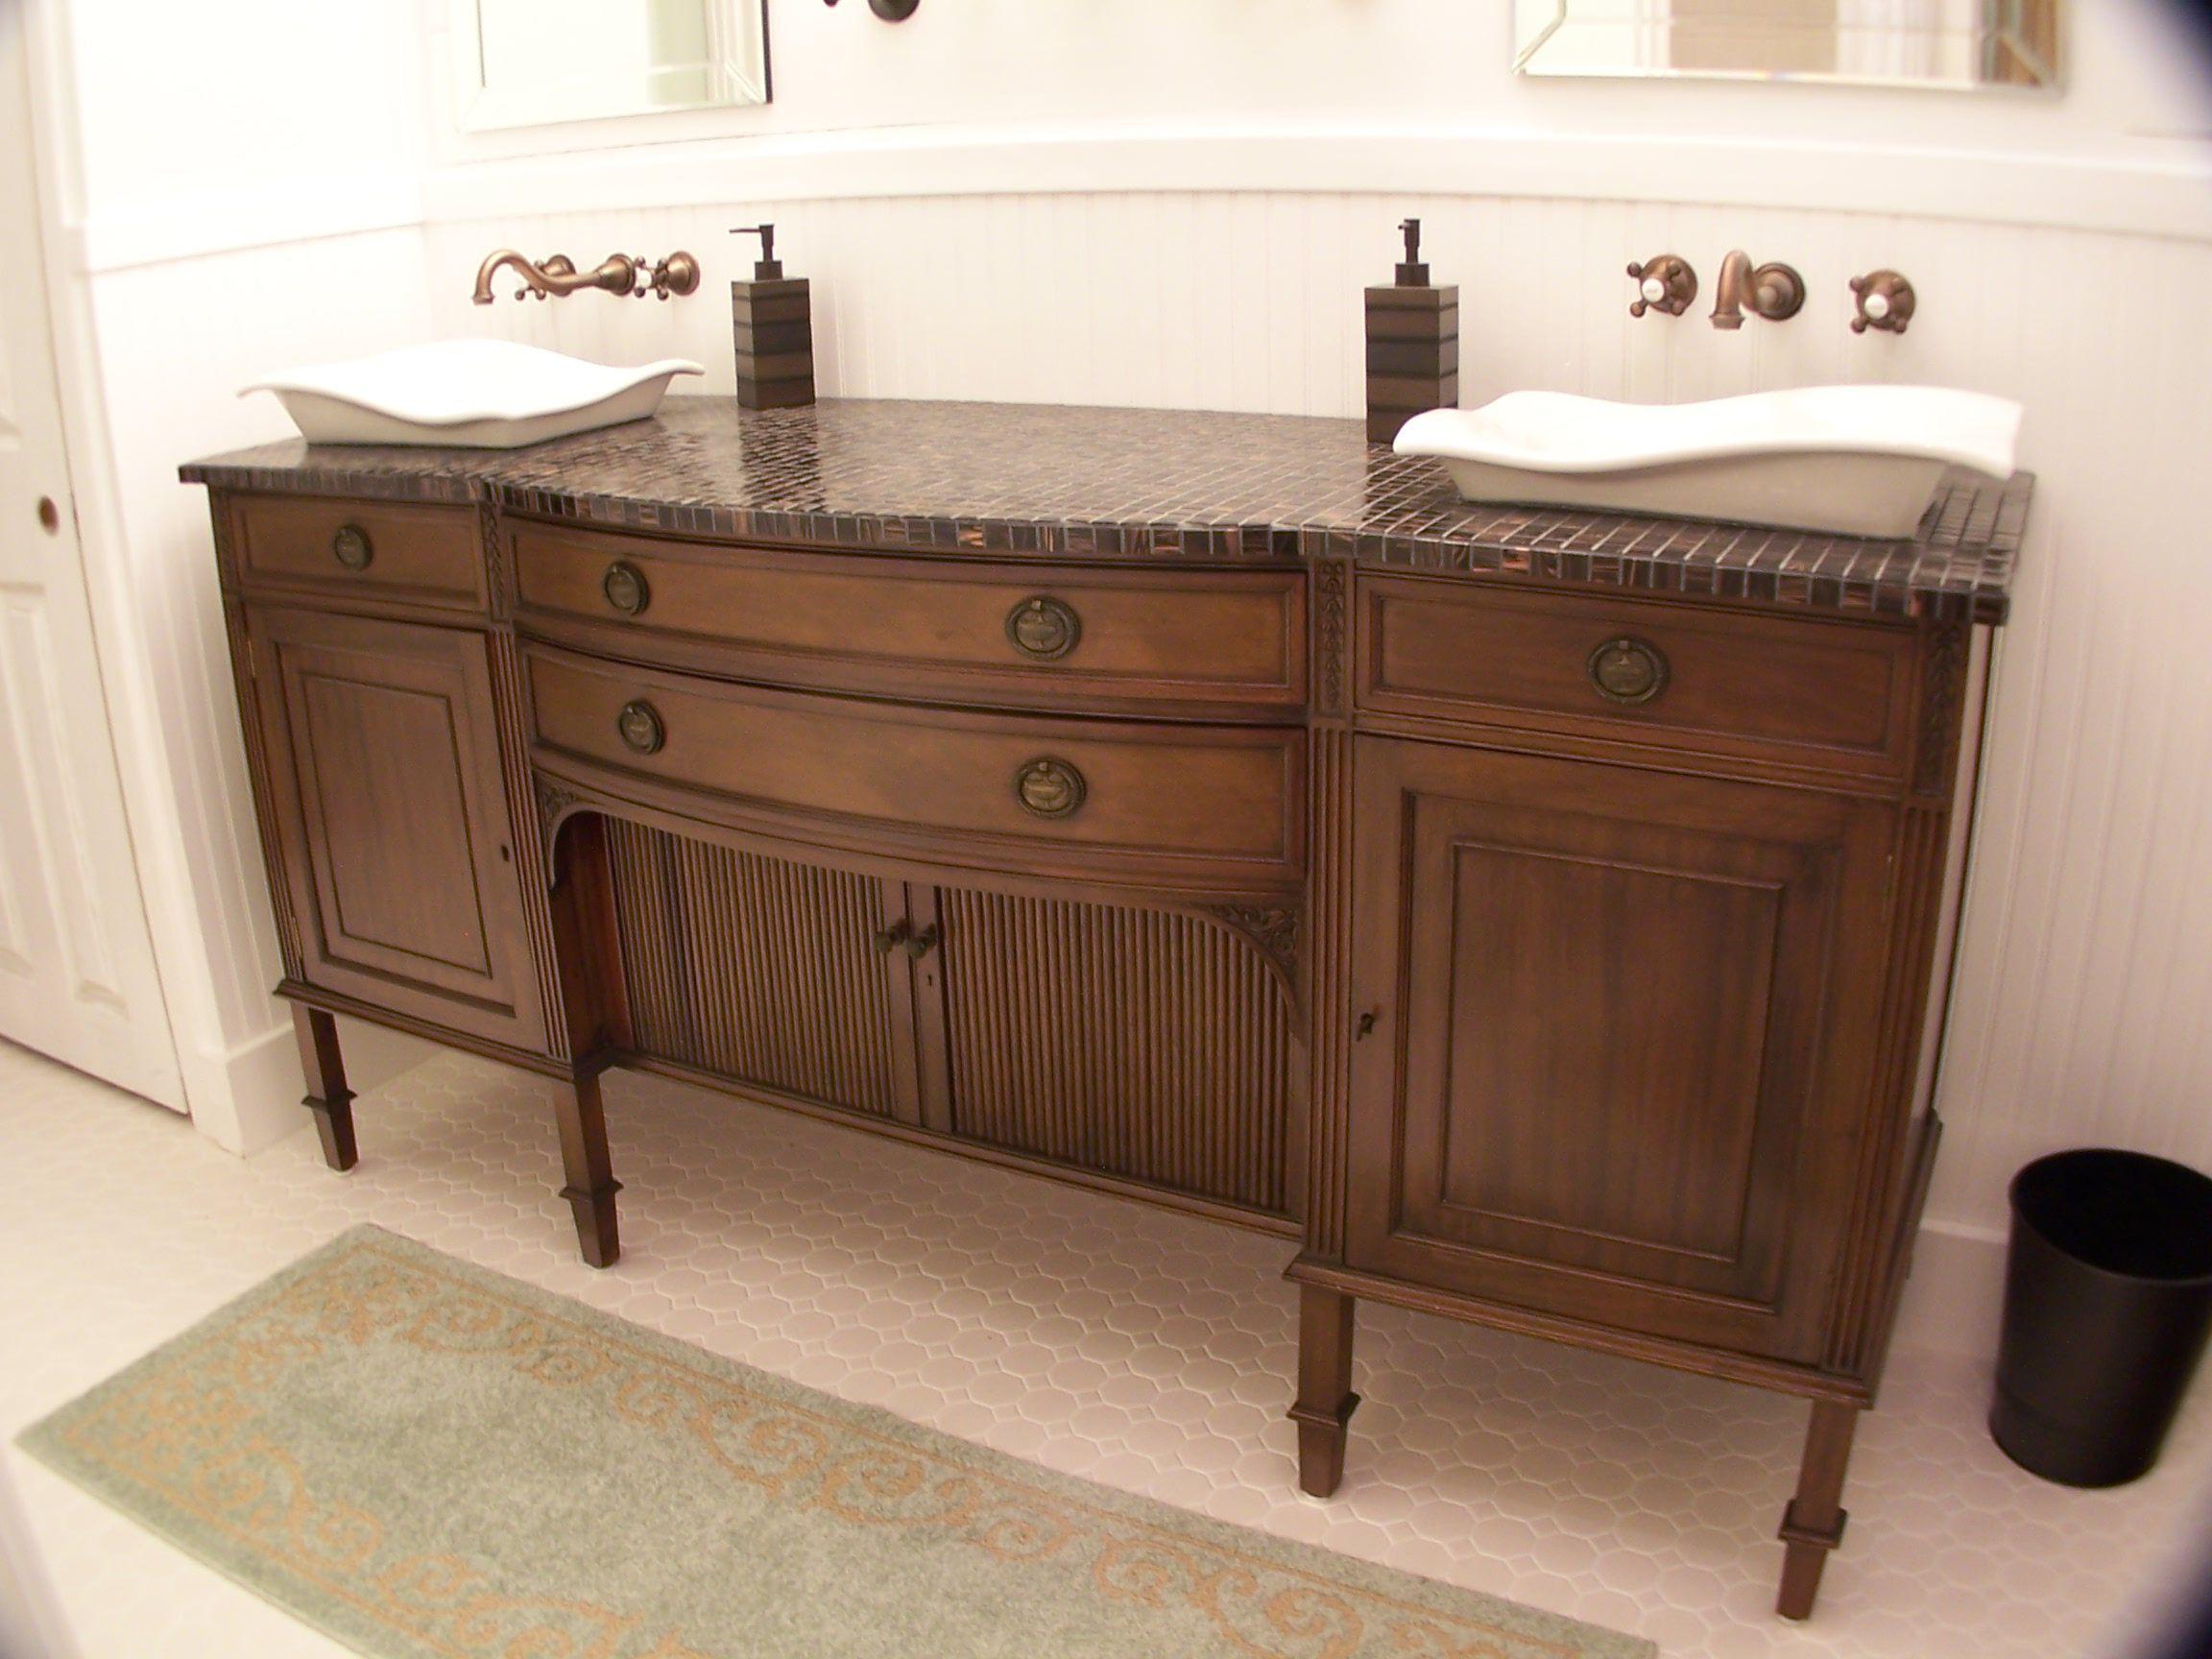 Buffet Turned Vanity Bathroom Vanity Style Maple Bathroom Vanity Bathroom Vanity